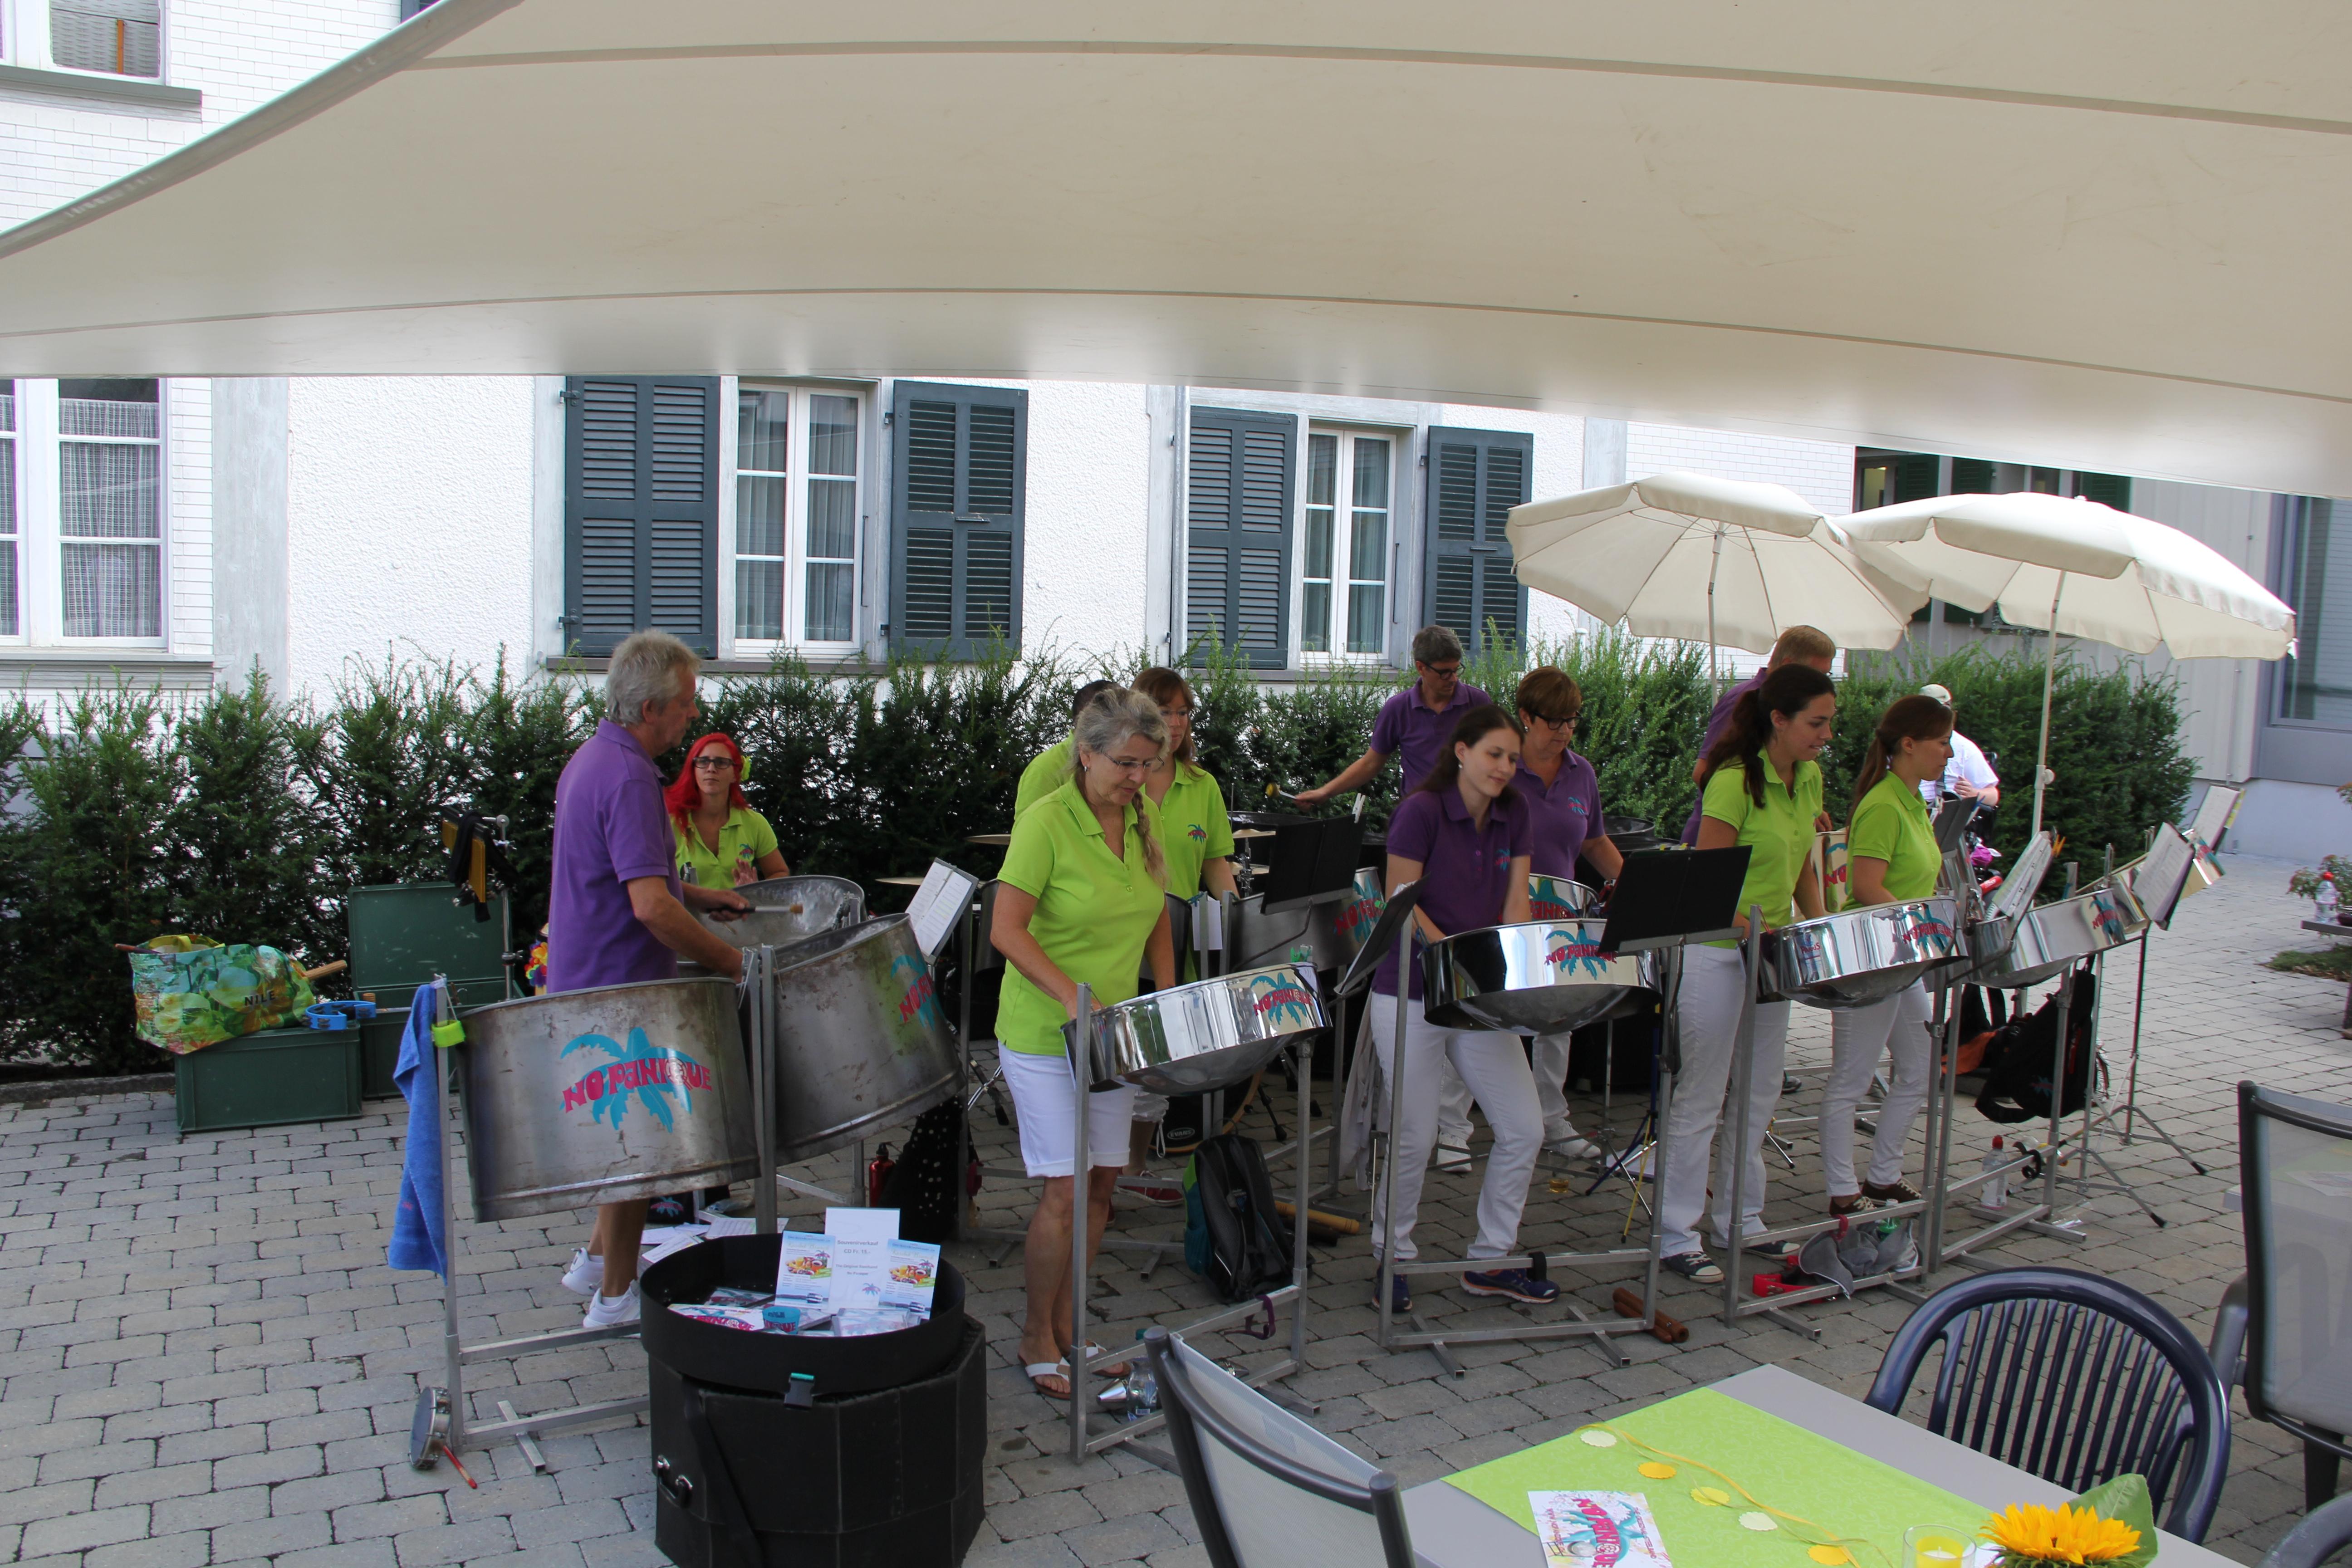 Musikvestival am 19. August 2017 im Pflegeheim Belpberg in Münsingen